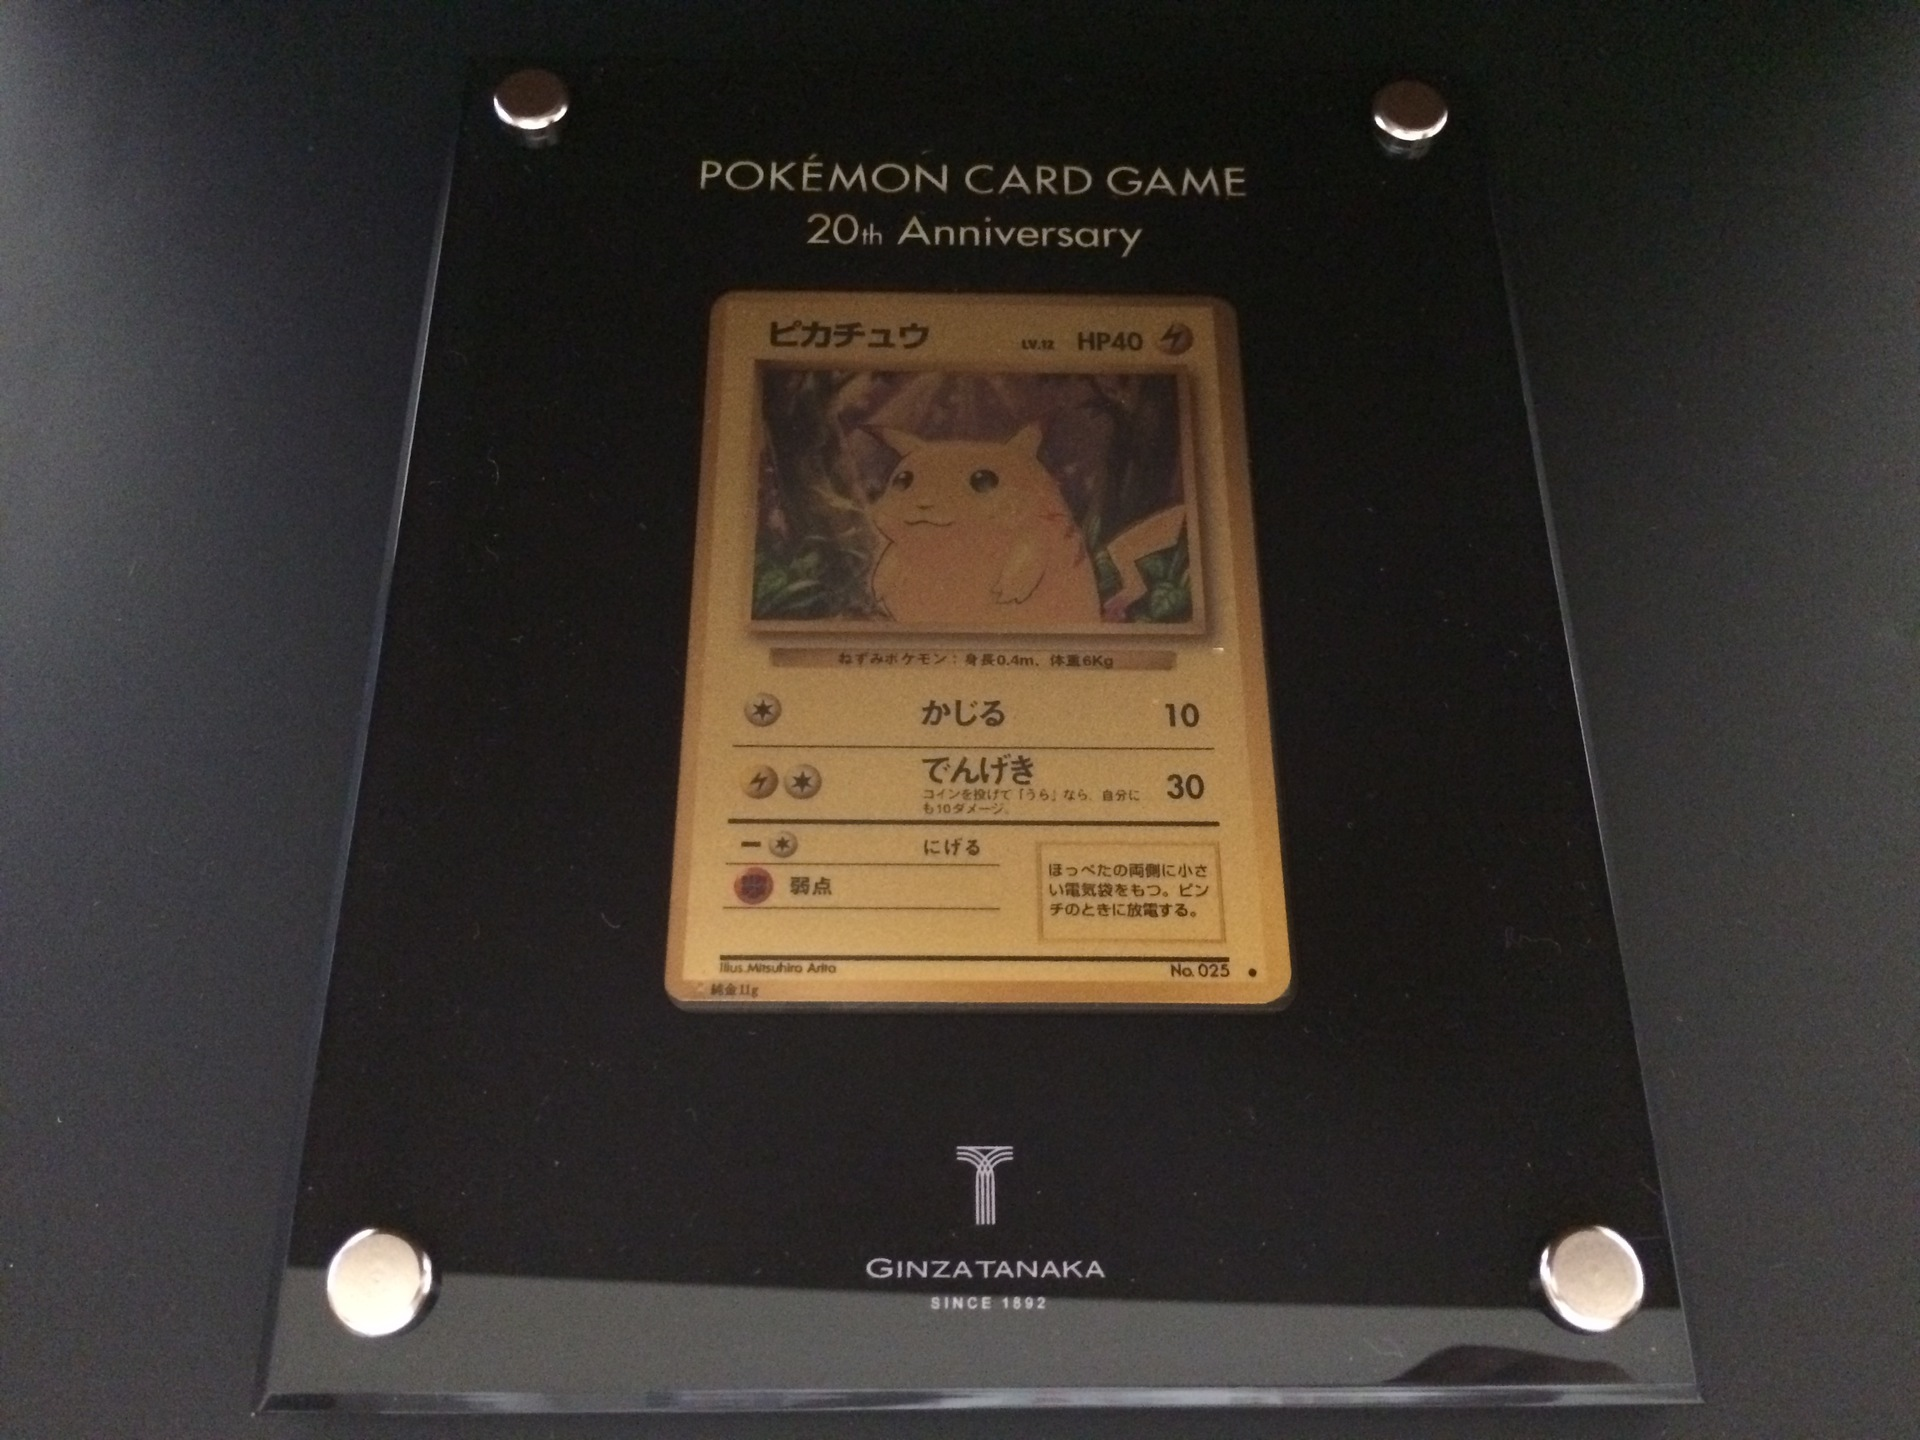 お値段20万円!! 純金ピカチュウカード – シュークのまったりポケモン